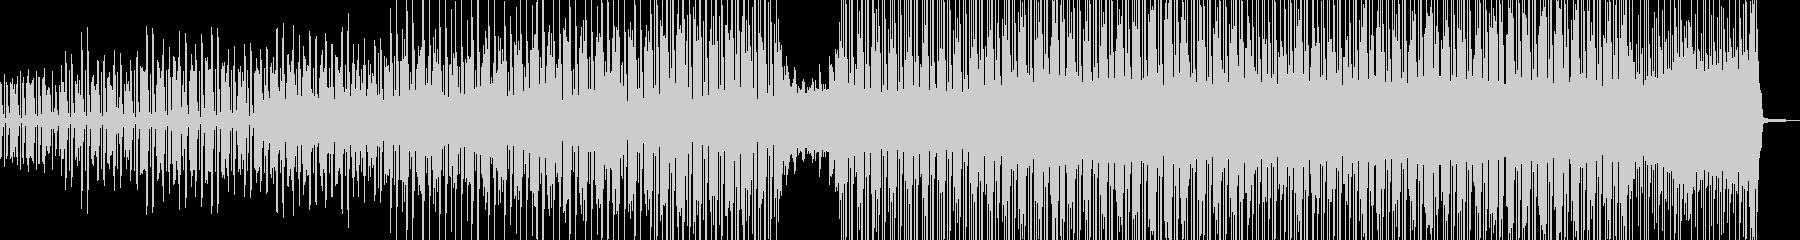 長閑→軽快・徐々にポップスへ展開 Aの未再生の波形